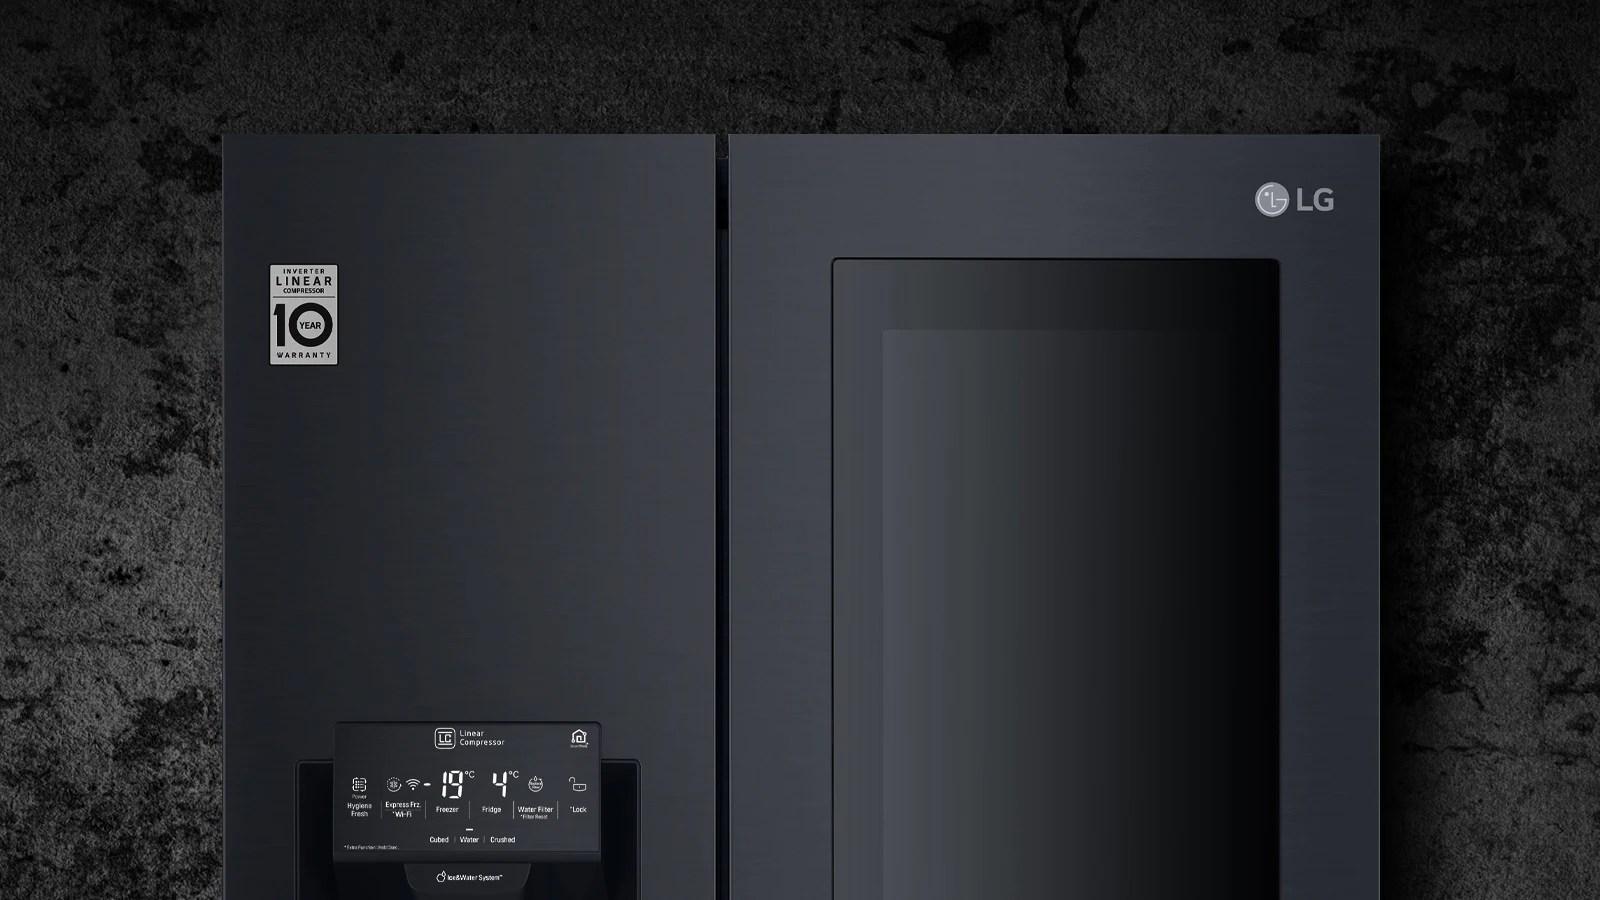 InstaView Door-in-Door™/co/images/RF/features/Banner_home_Desk_1600x900%20pxLS65SXTX%20off.jpg